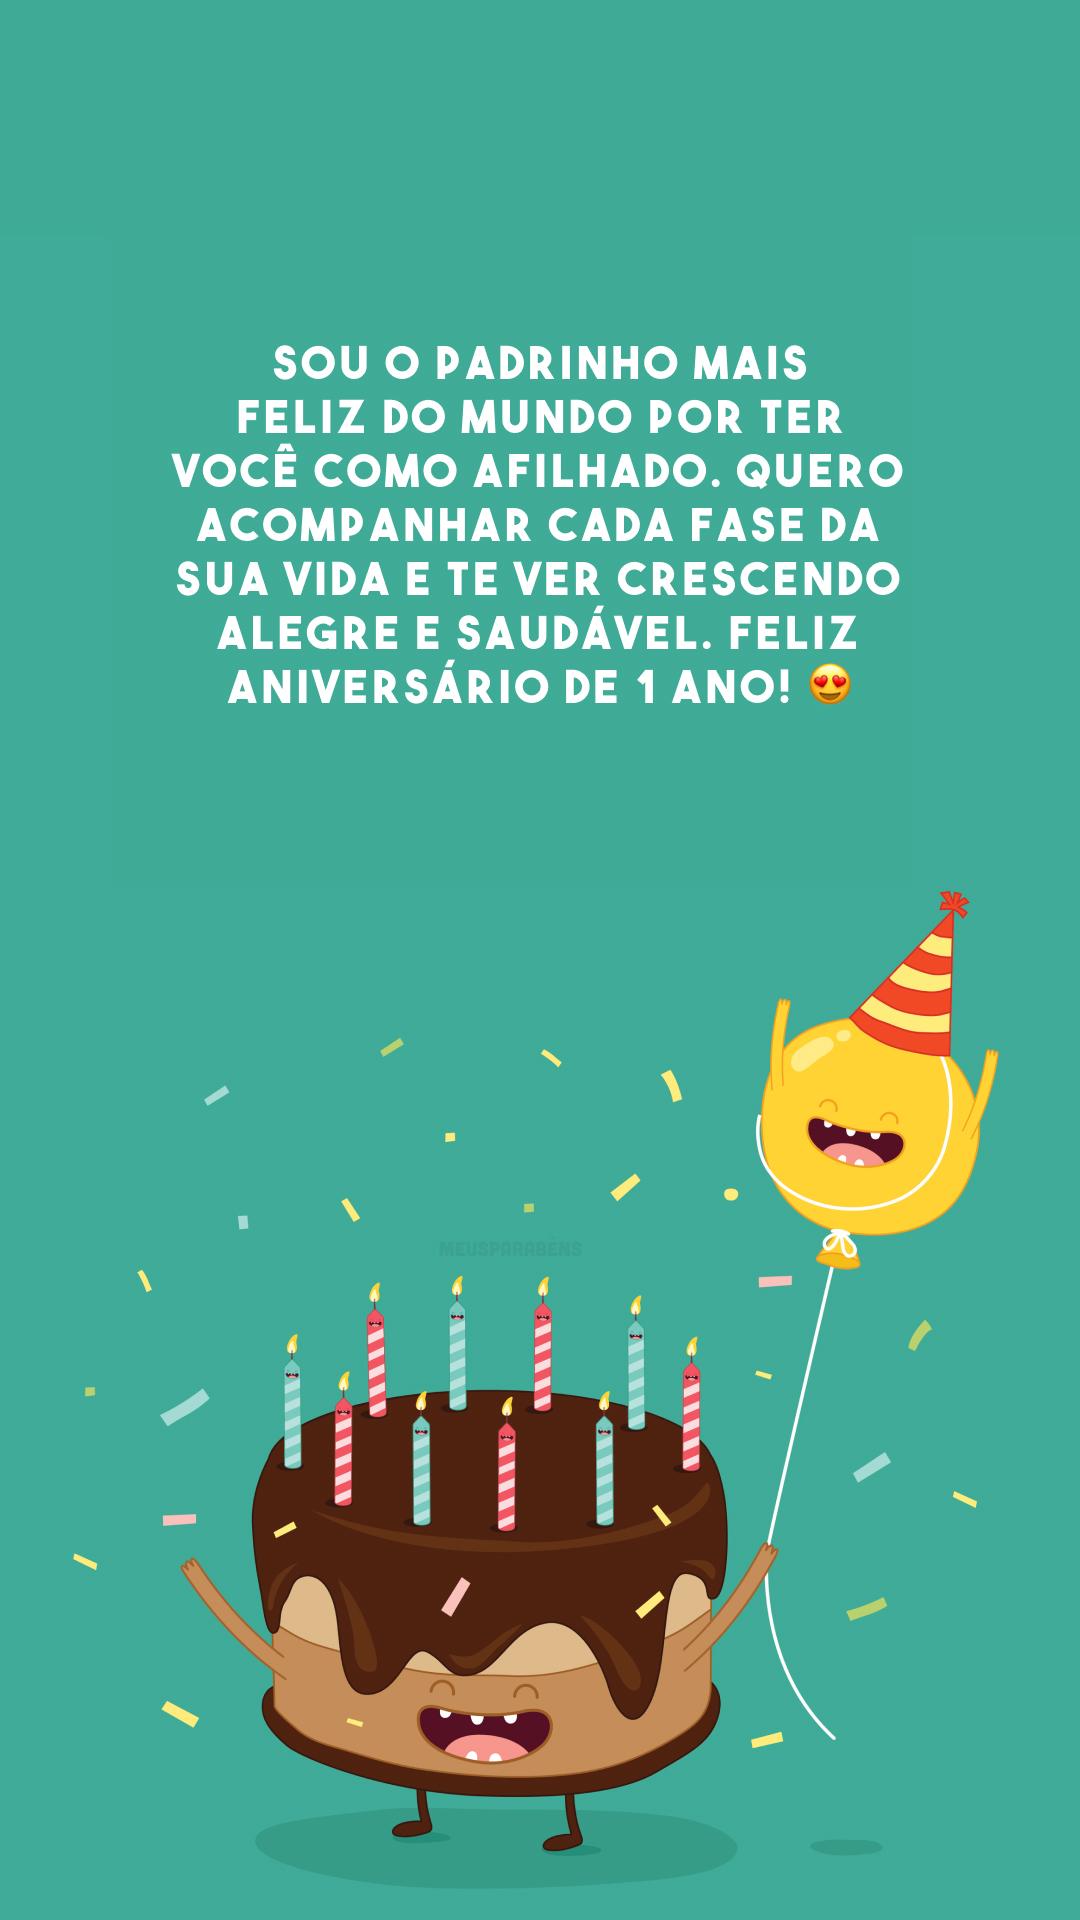 Sou o padrinho mais feliz do mundo por ter você como afilhado. Quero acompanhar cada fase da sua vida e te ver crescendo alegre e saudável. Feliz aniversário de 1 ano! 😍